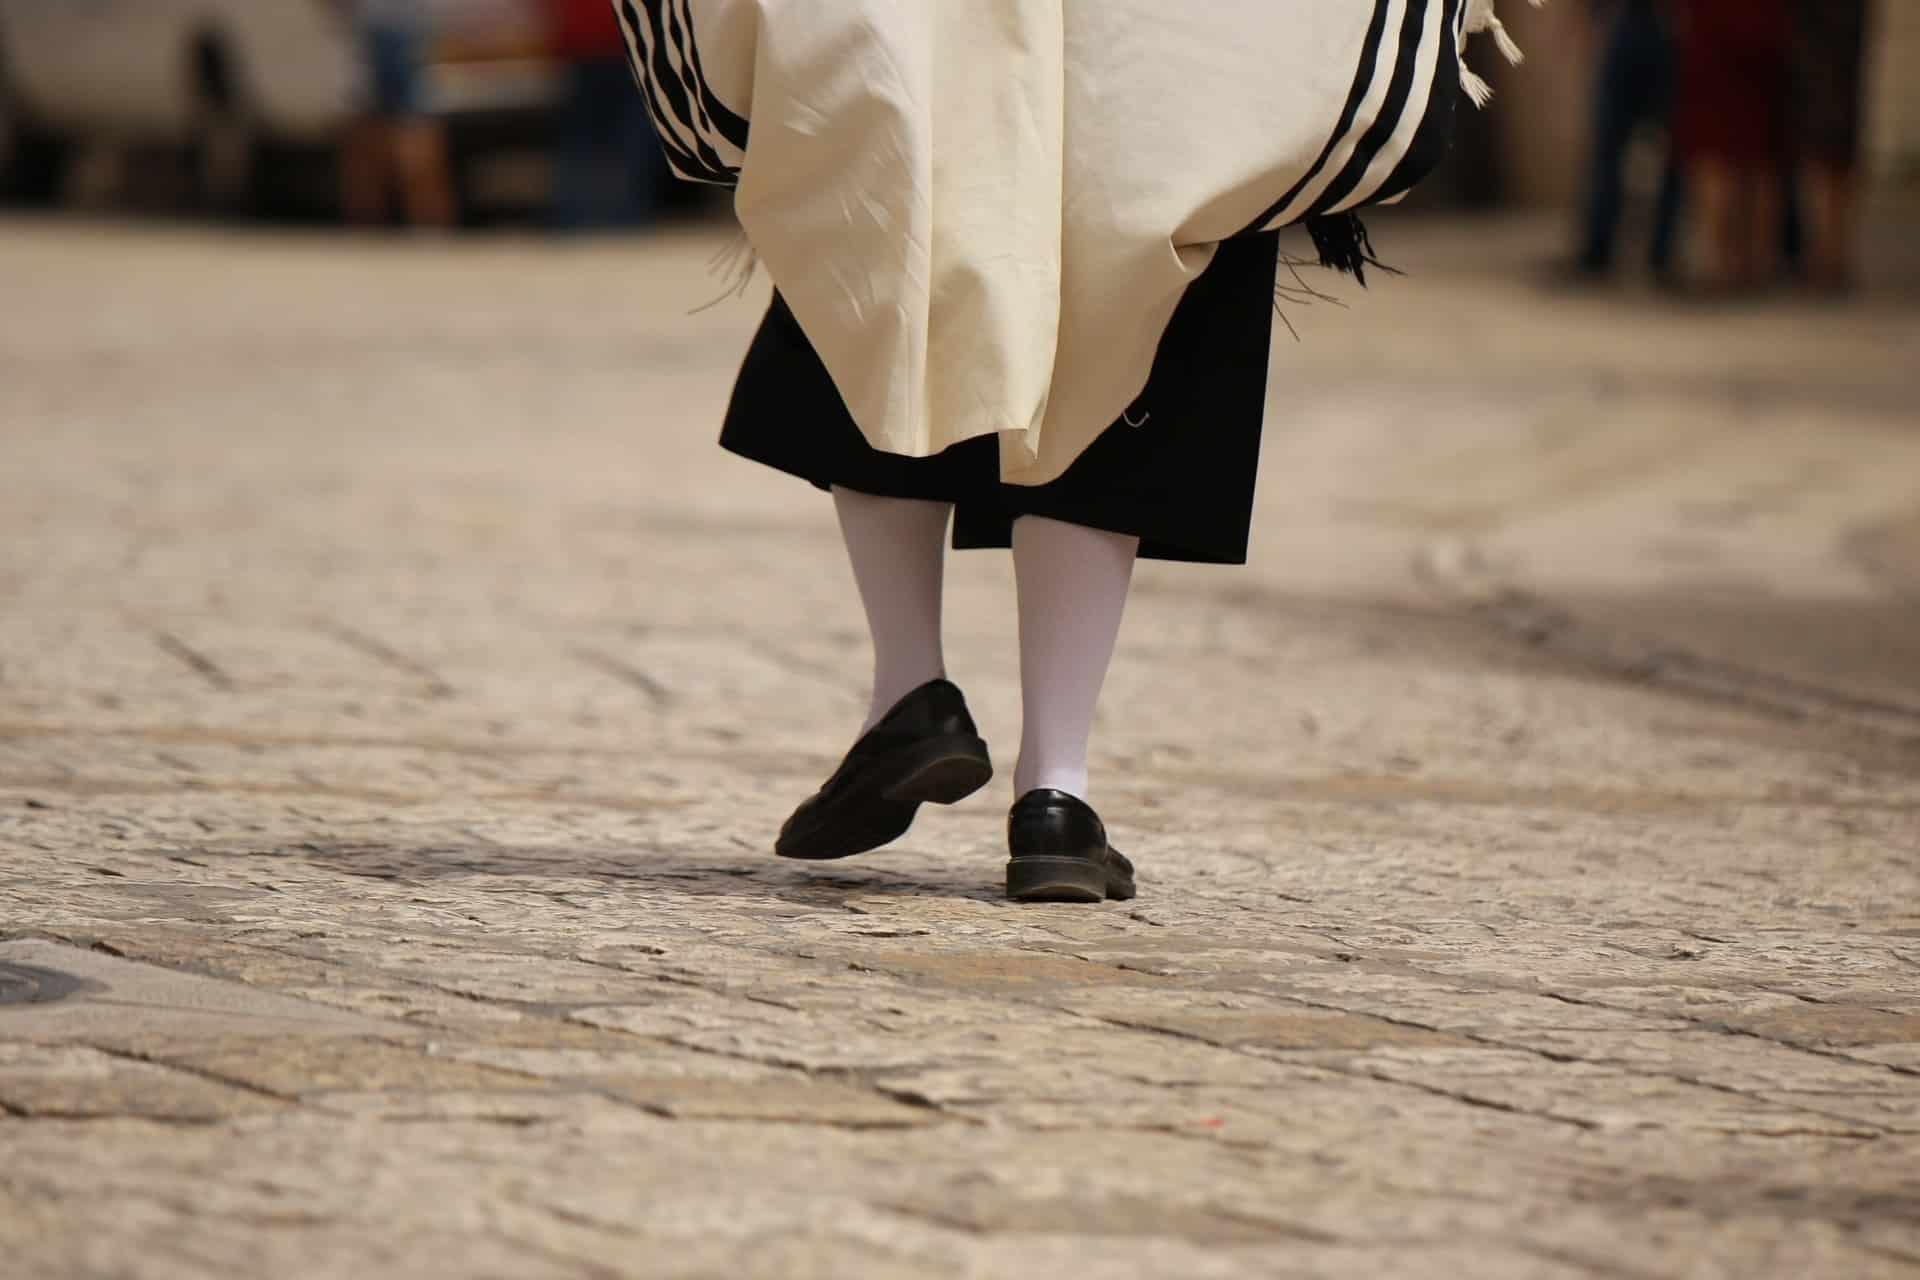 Jewish Clothing – Jewish religious clothing